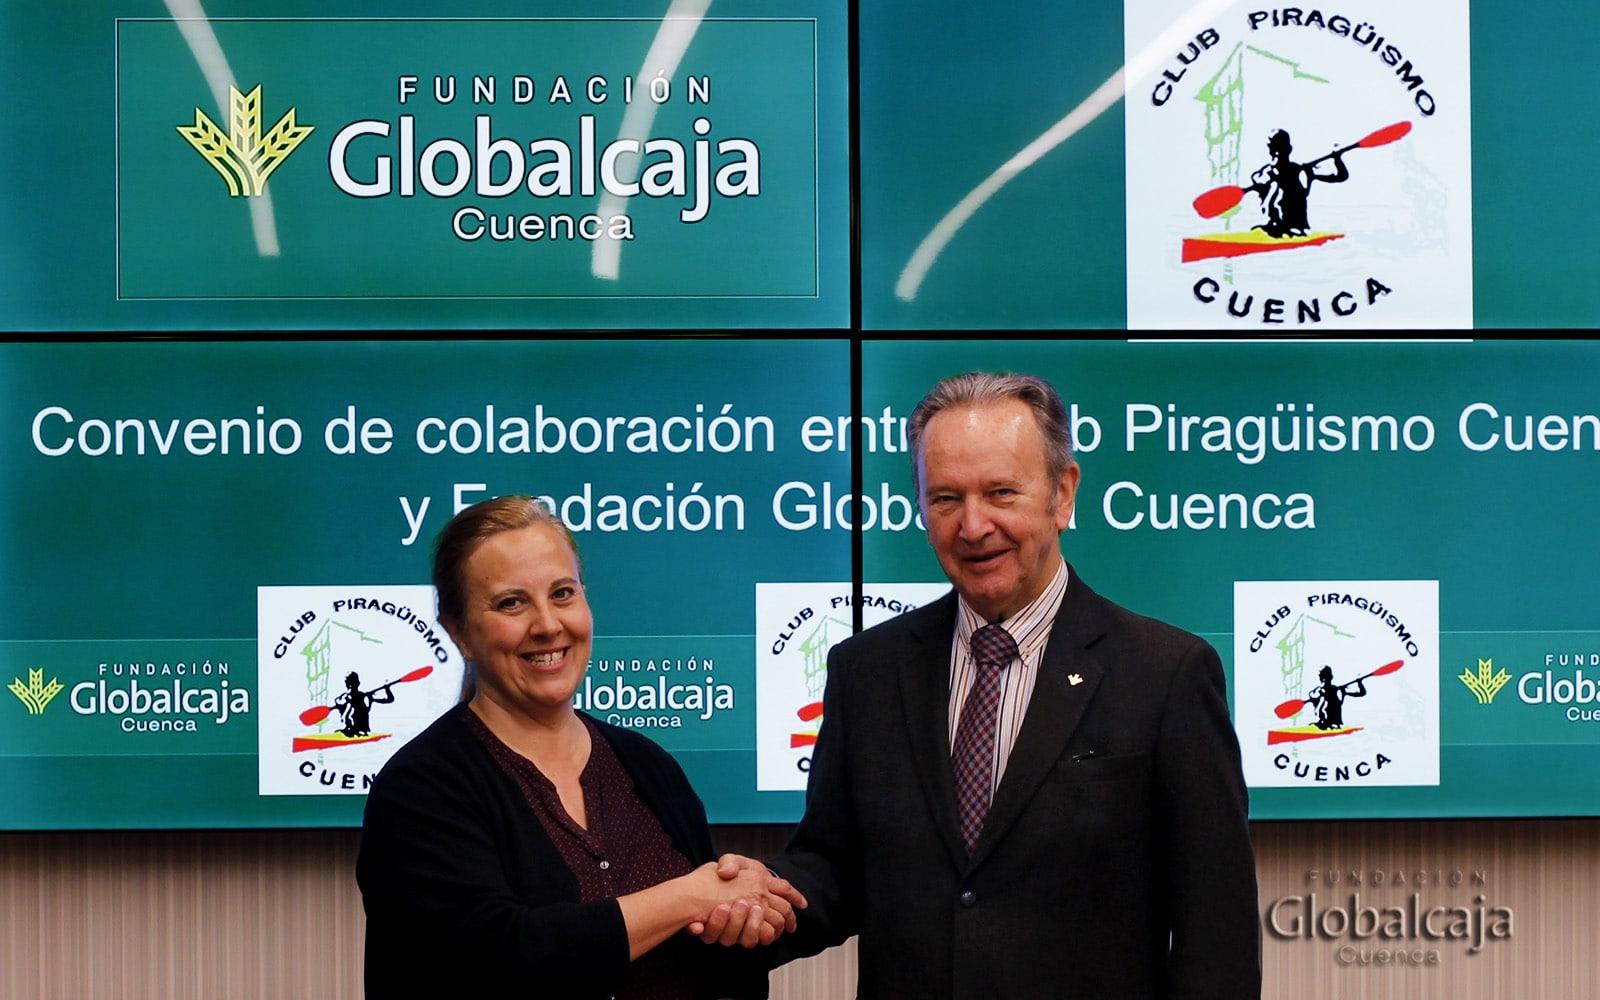 Nuevo apoyo al deporte de la Fundación Globalcaja Cuenca con la renovación de su colaboración con el Club Piragüismo Cuenca